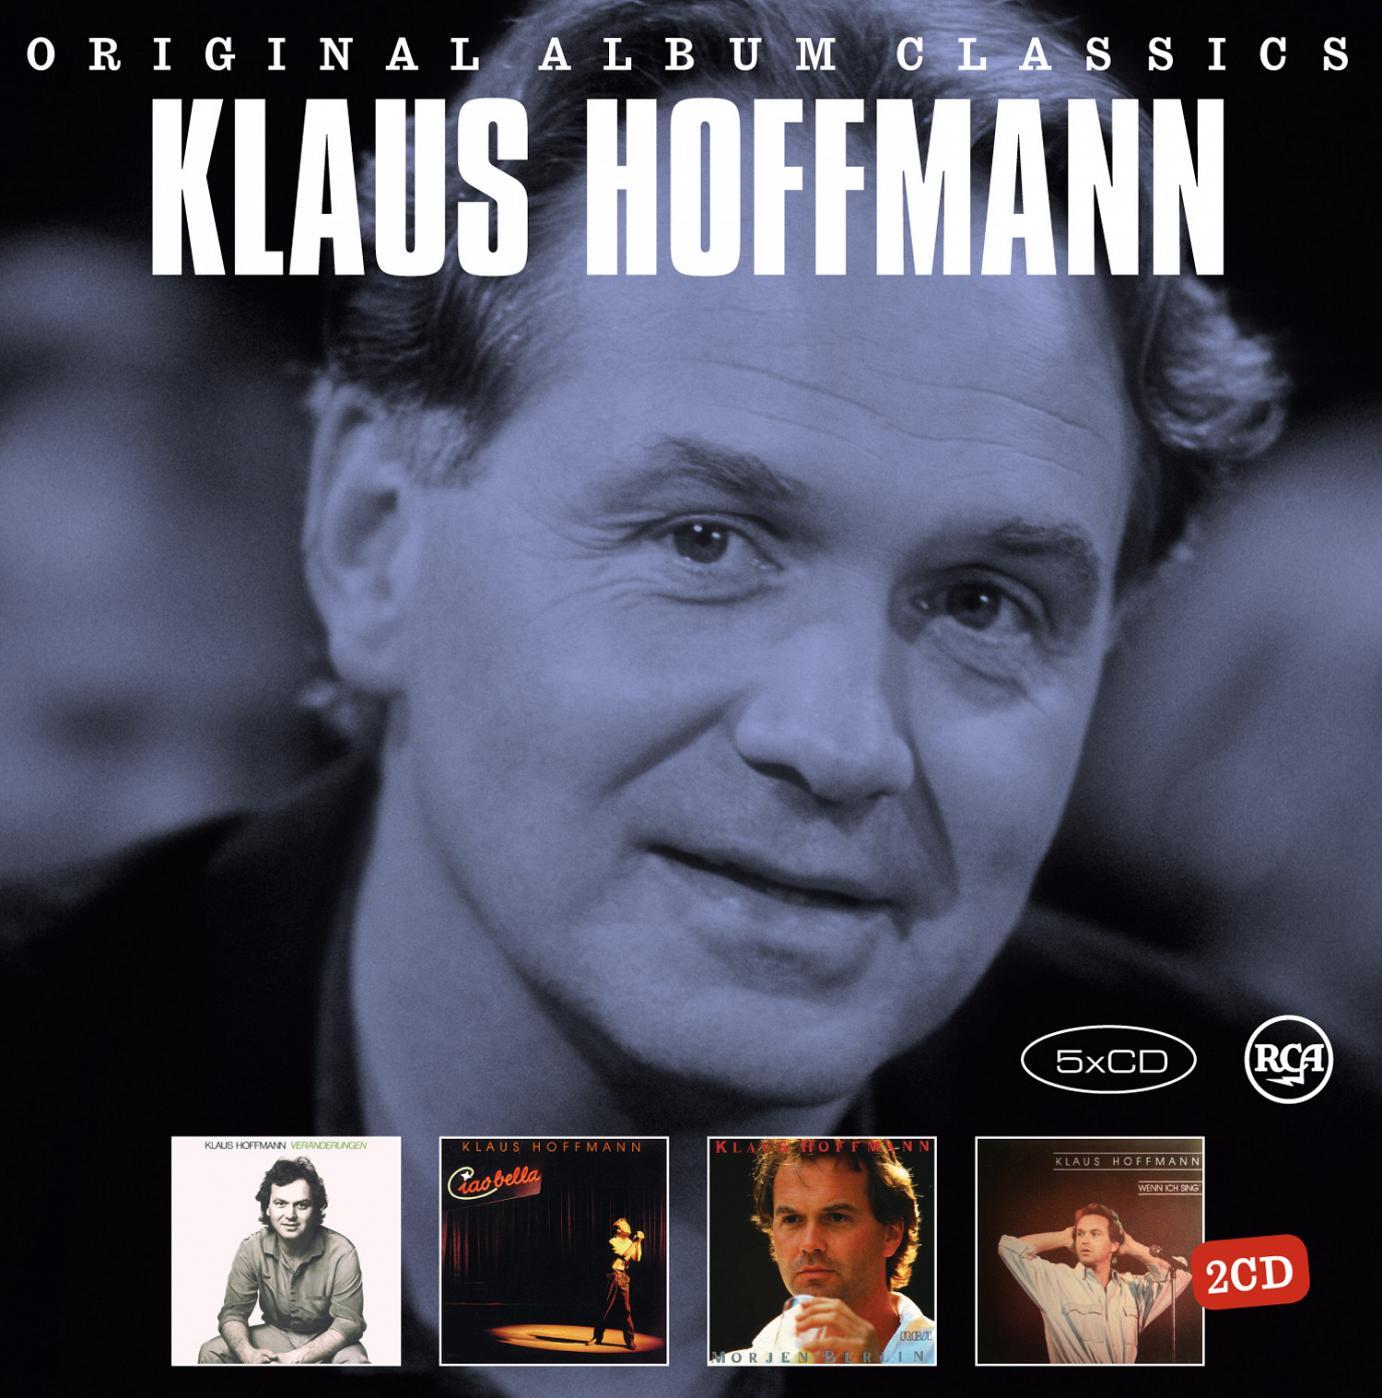 """Die """"Original Album Classics"""" werden mit neuer Staffel fortgesetzt. Unter anderem dabei: Ulla Meinecke und Klaus Hoffmann"""